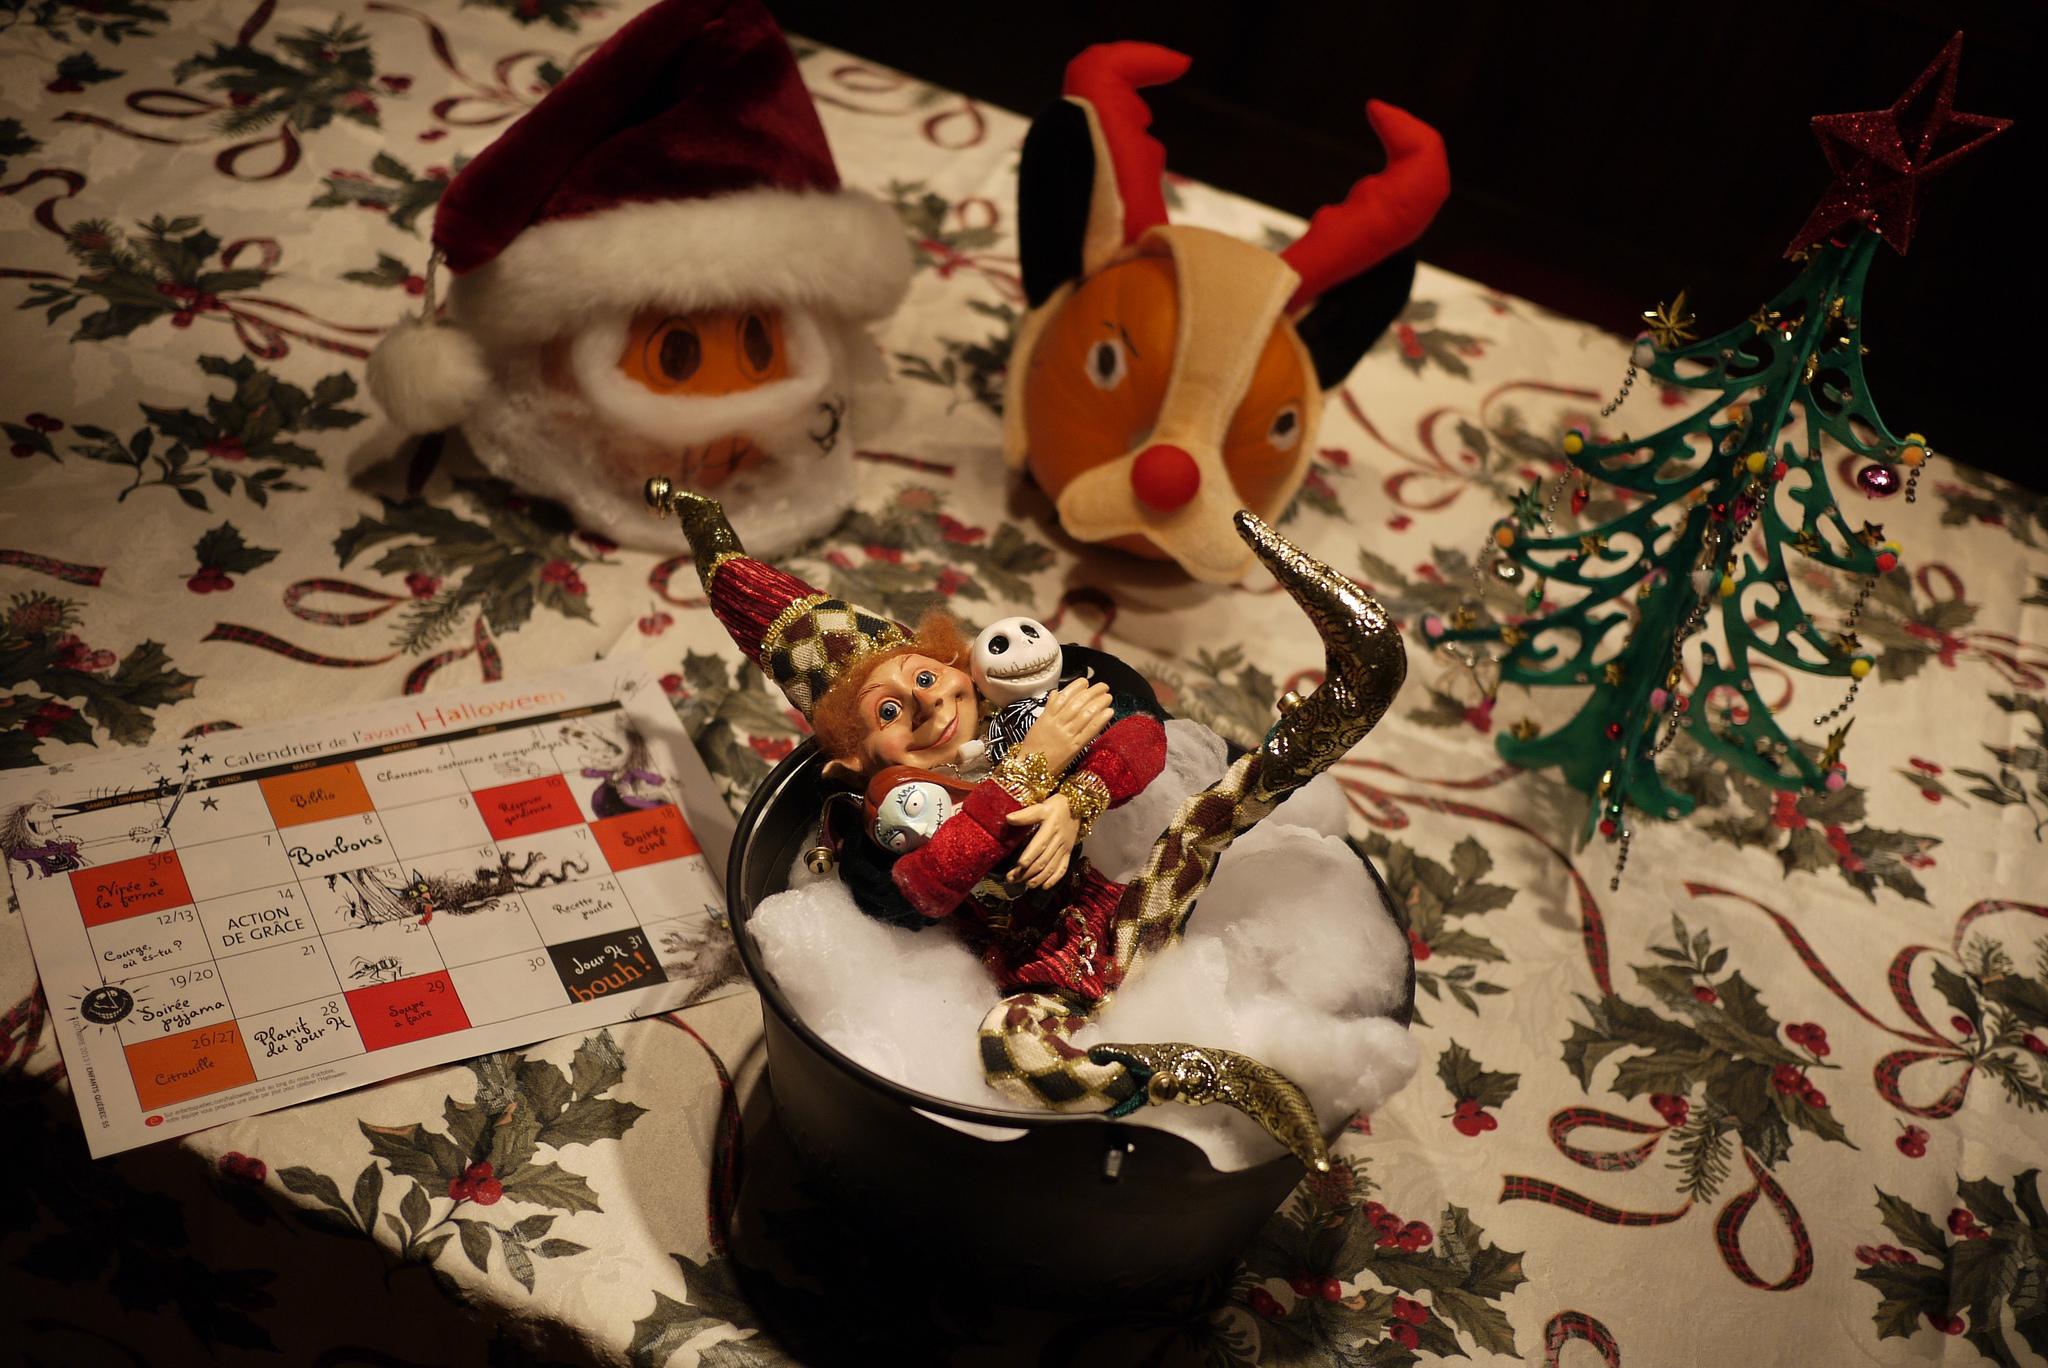 C'est Noël ou c'est l'Halloween? Nos lutins revisitent l'Étrange Noël de M. Jack!